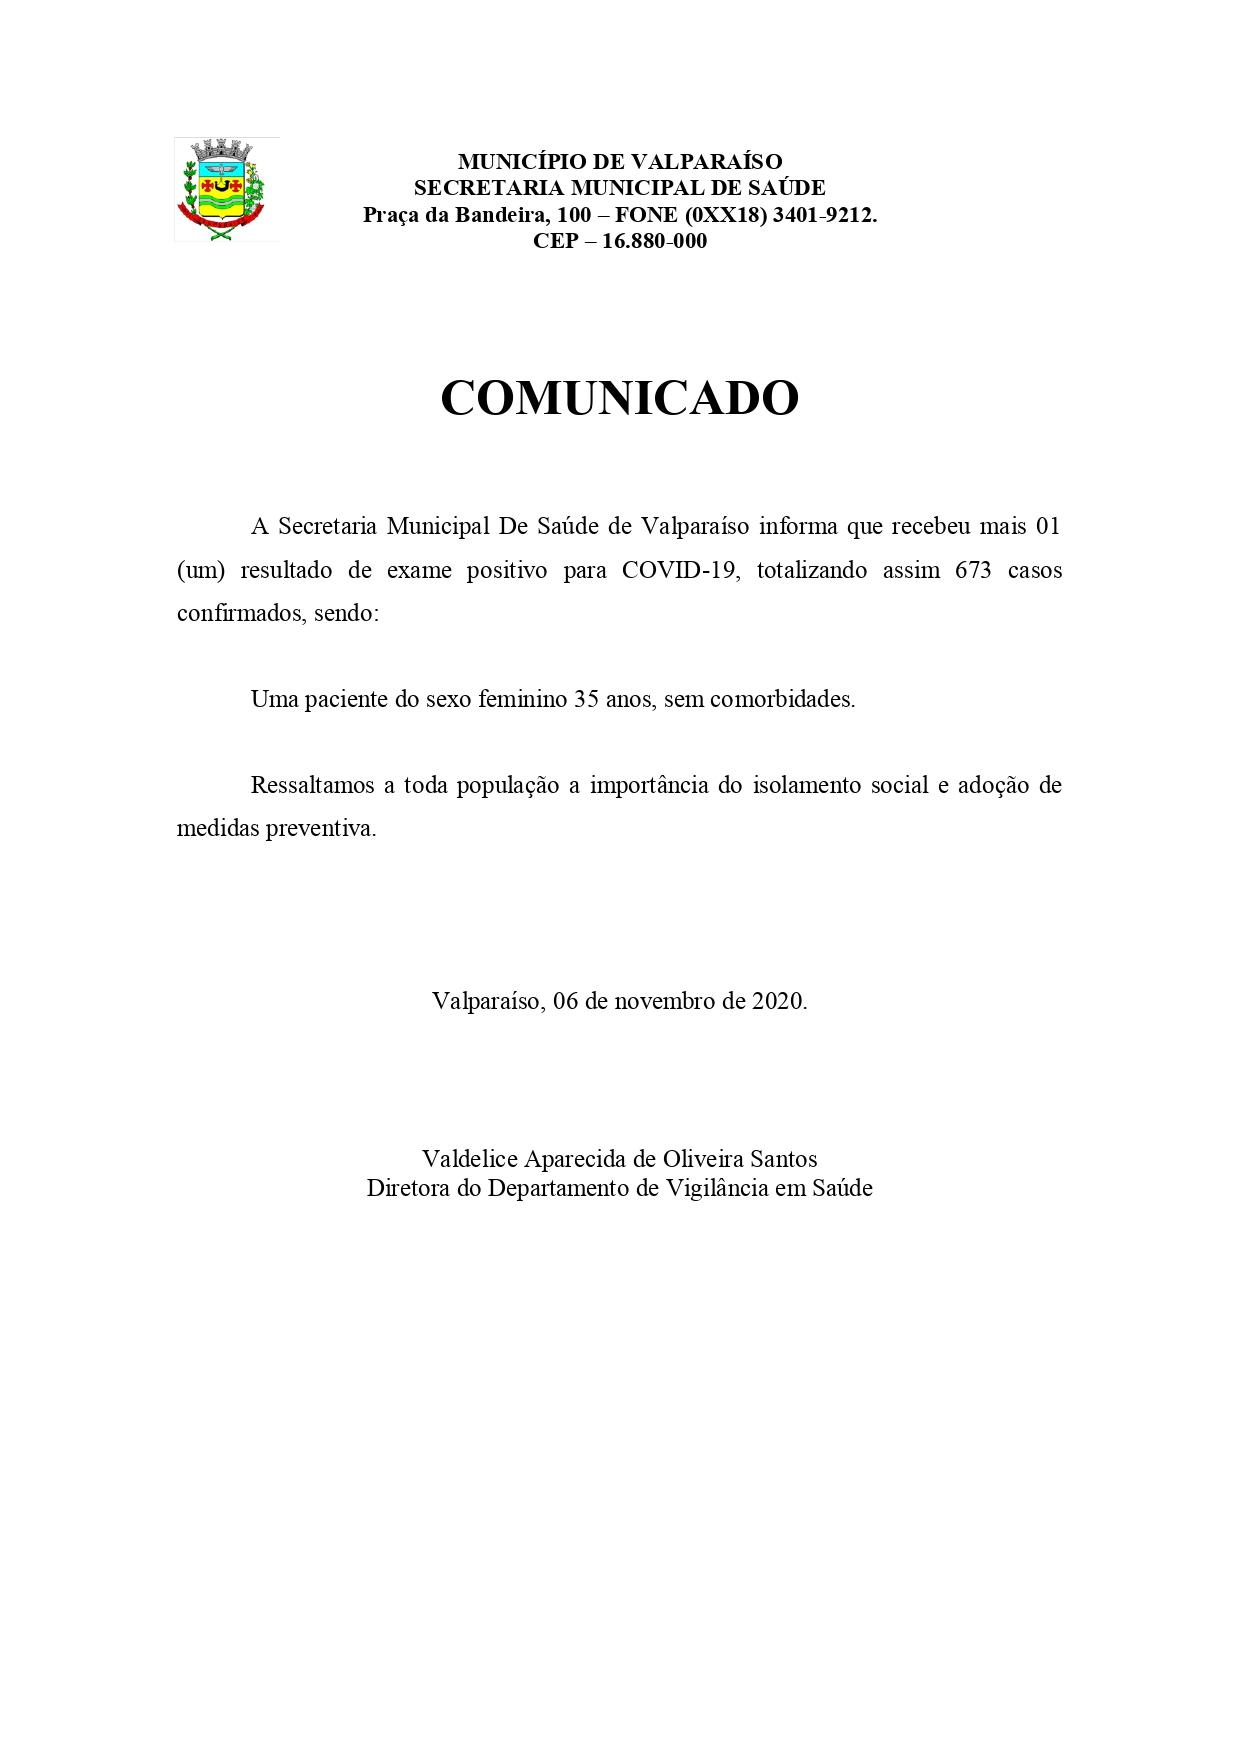 covid673